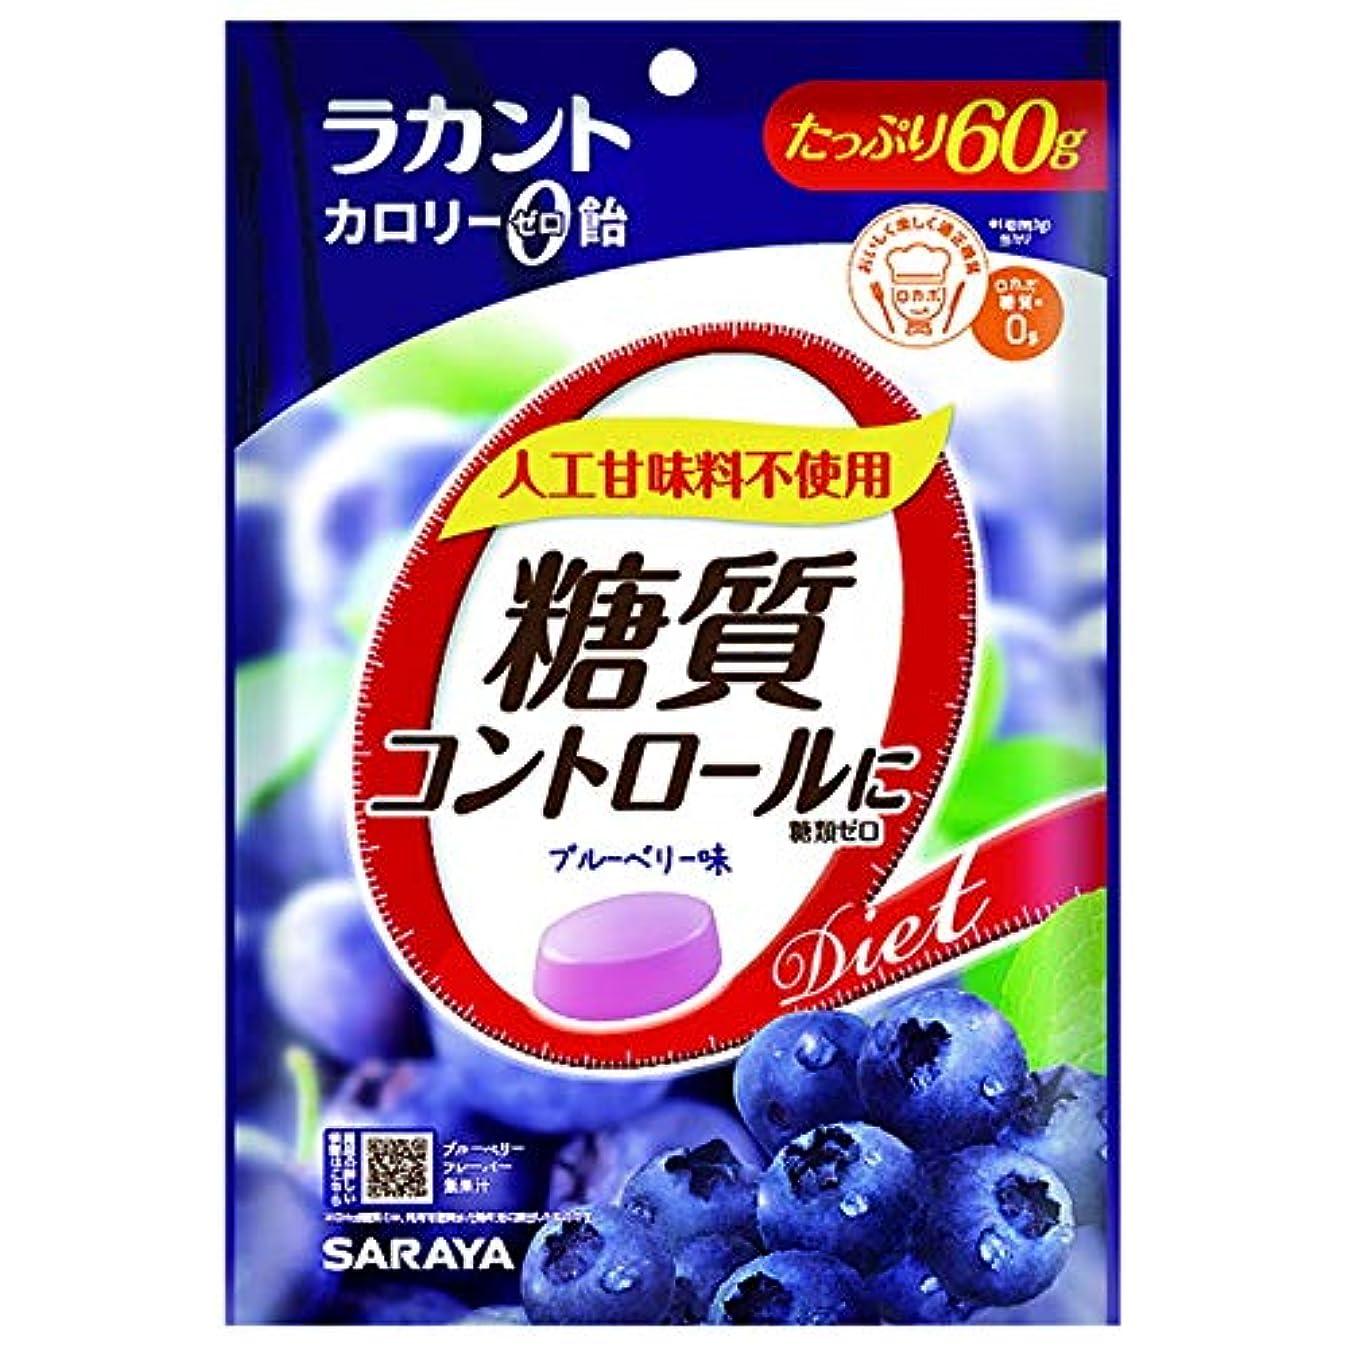 ビタミン経営者よろめくラカント カロリーゼロ飴 ブルーベリー 60g【3個セット】